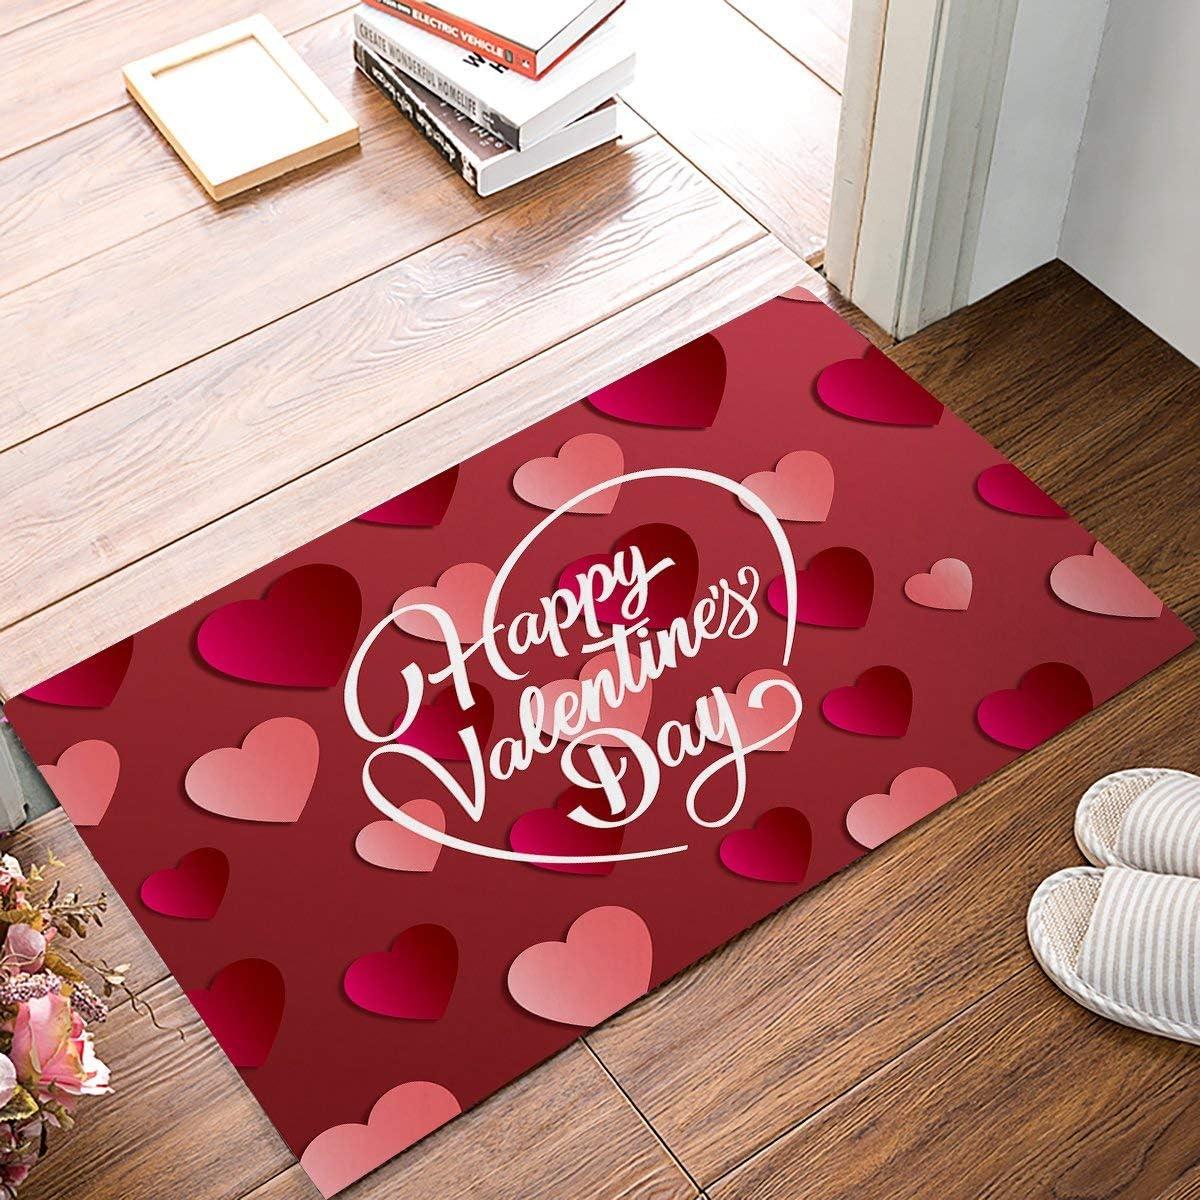 FAMILYDECOR Happy Valentine s Day with Heart Shaped Pattern Door Mat Rug Indoor Front Door Shower Bathroom Entrance Mats Rugs Doormat, Non-Slip Doormats, 20 X 32 Inch